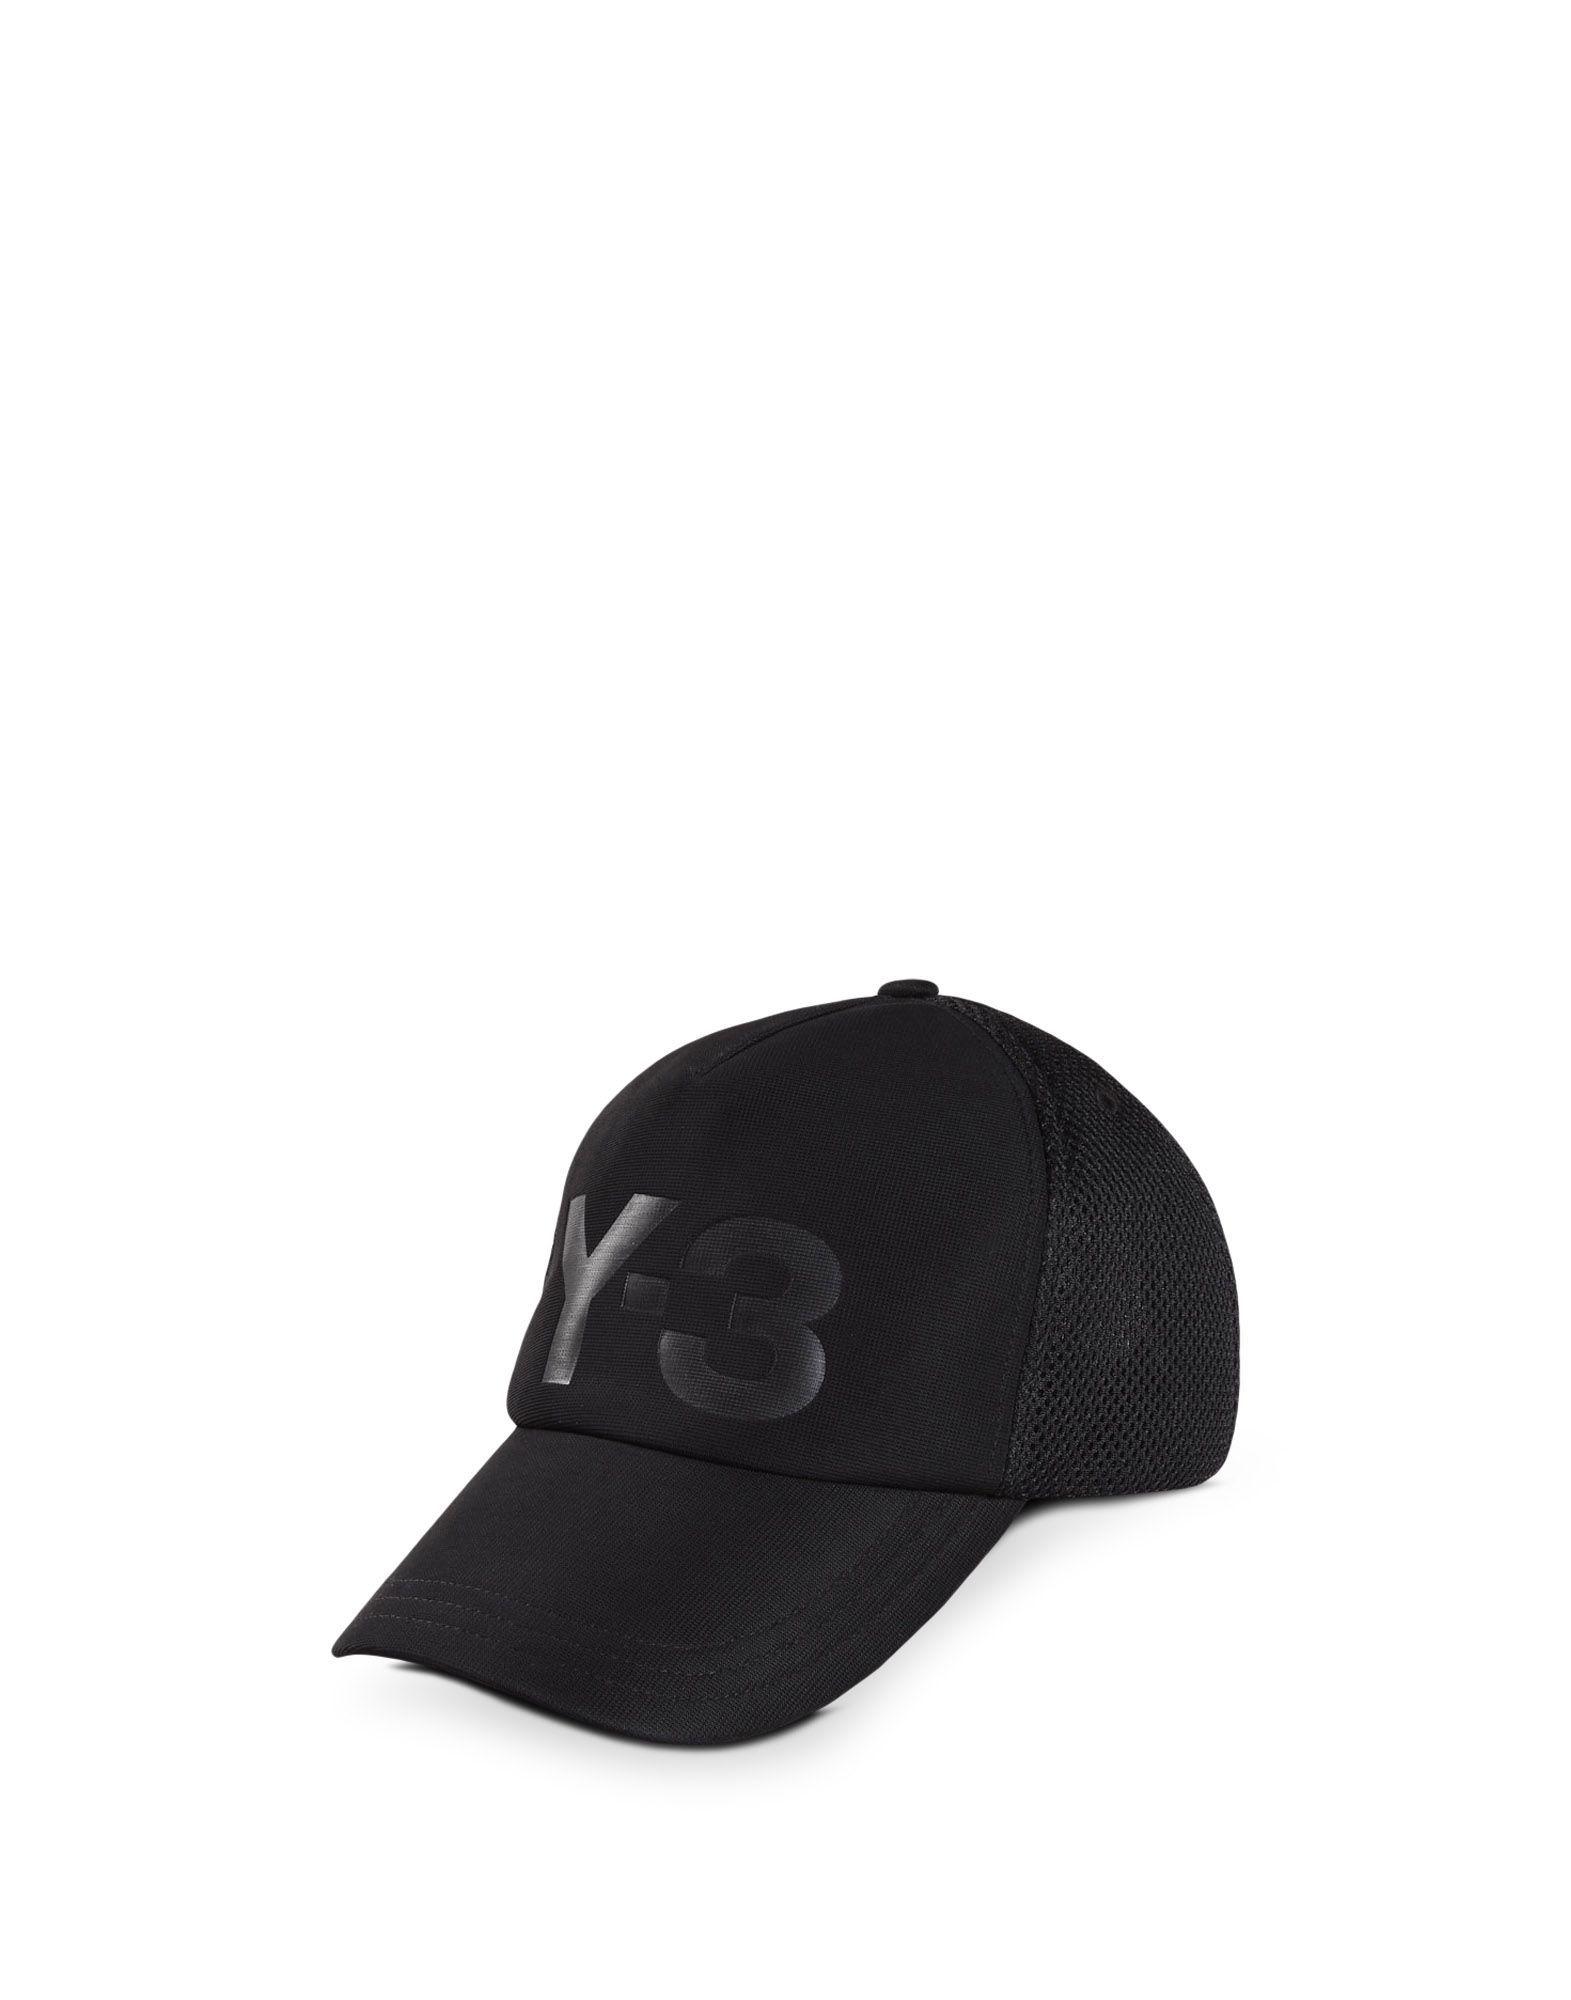 5da191b7cb9 Y-3 TRUCK BLACK HAT OTHER ACCESSORIES unisex Y-3 adidas